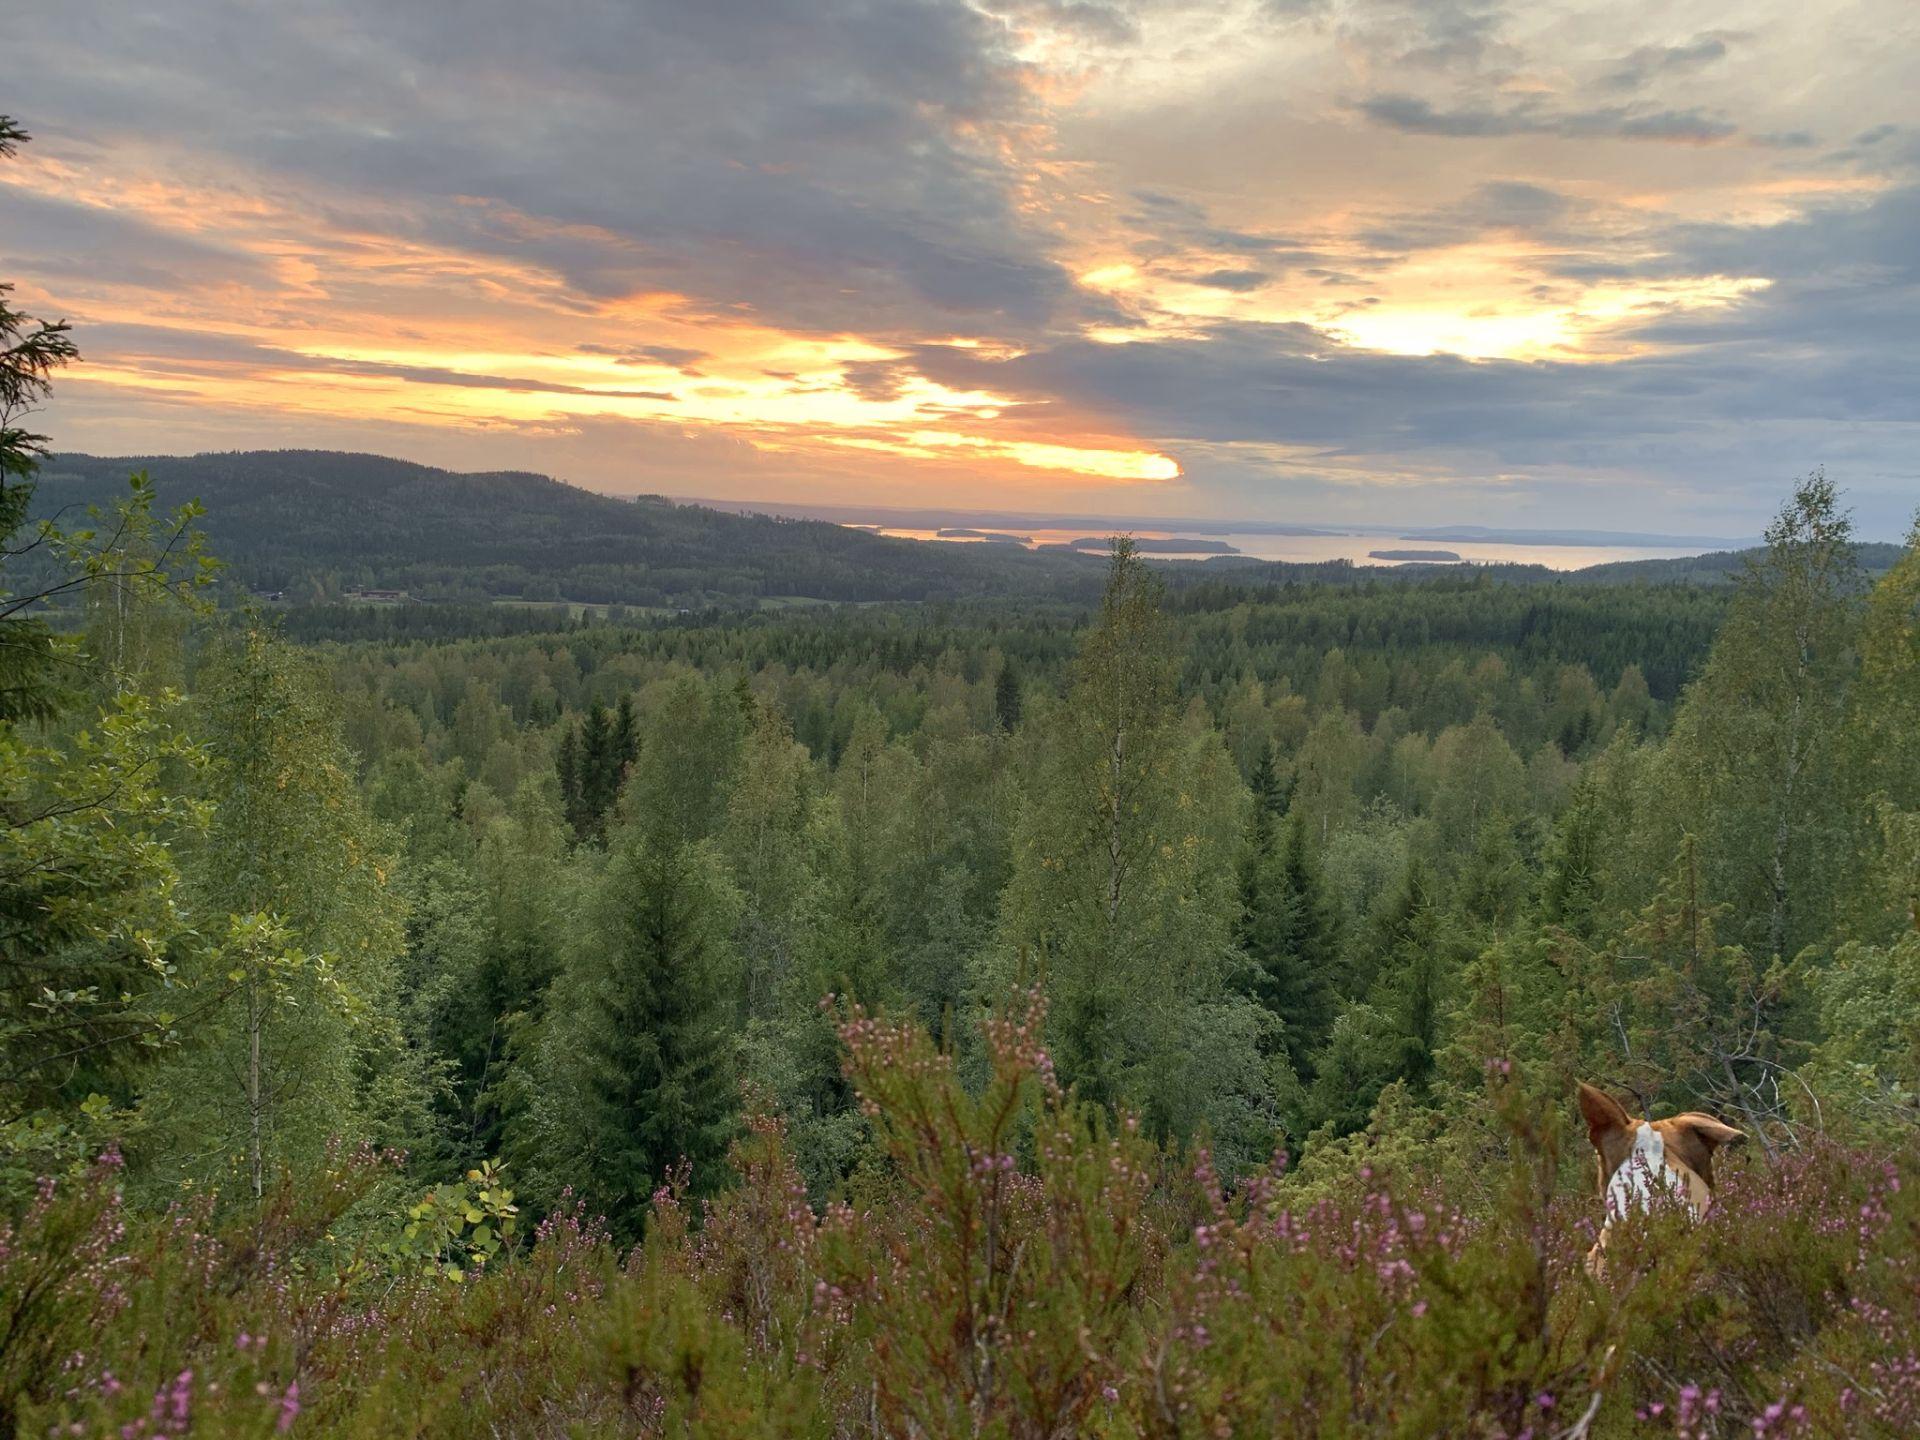 Beautiful sunset in Koli in North Karelia